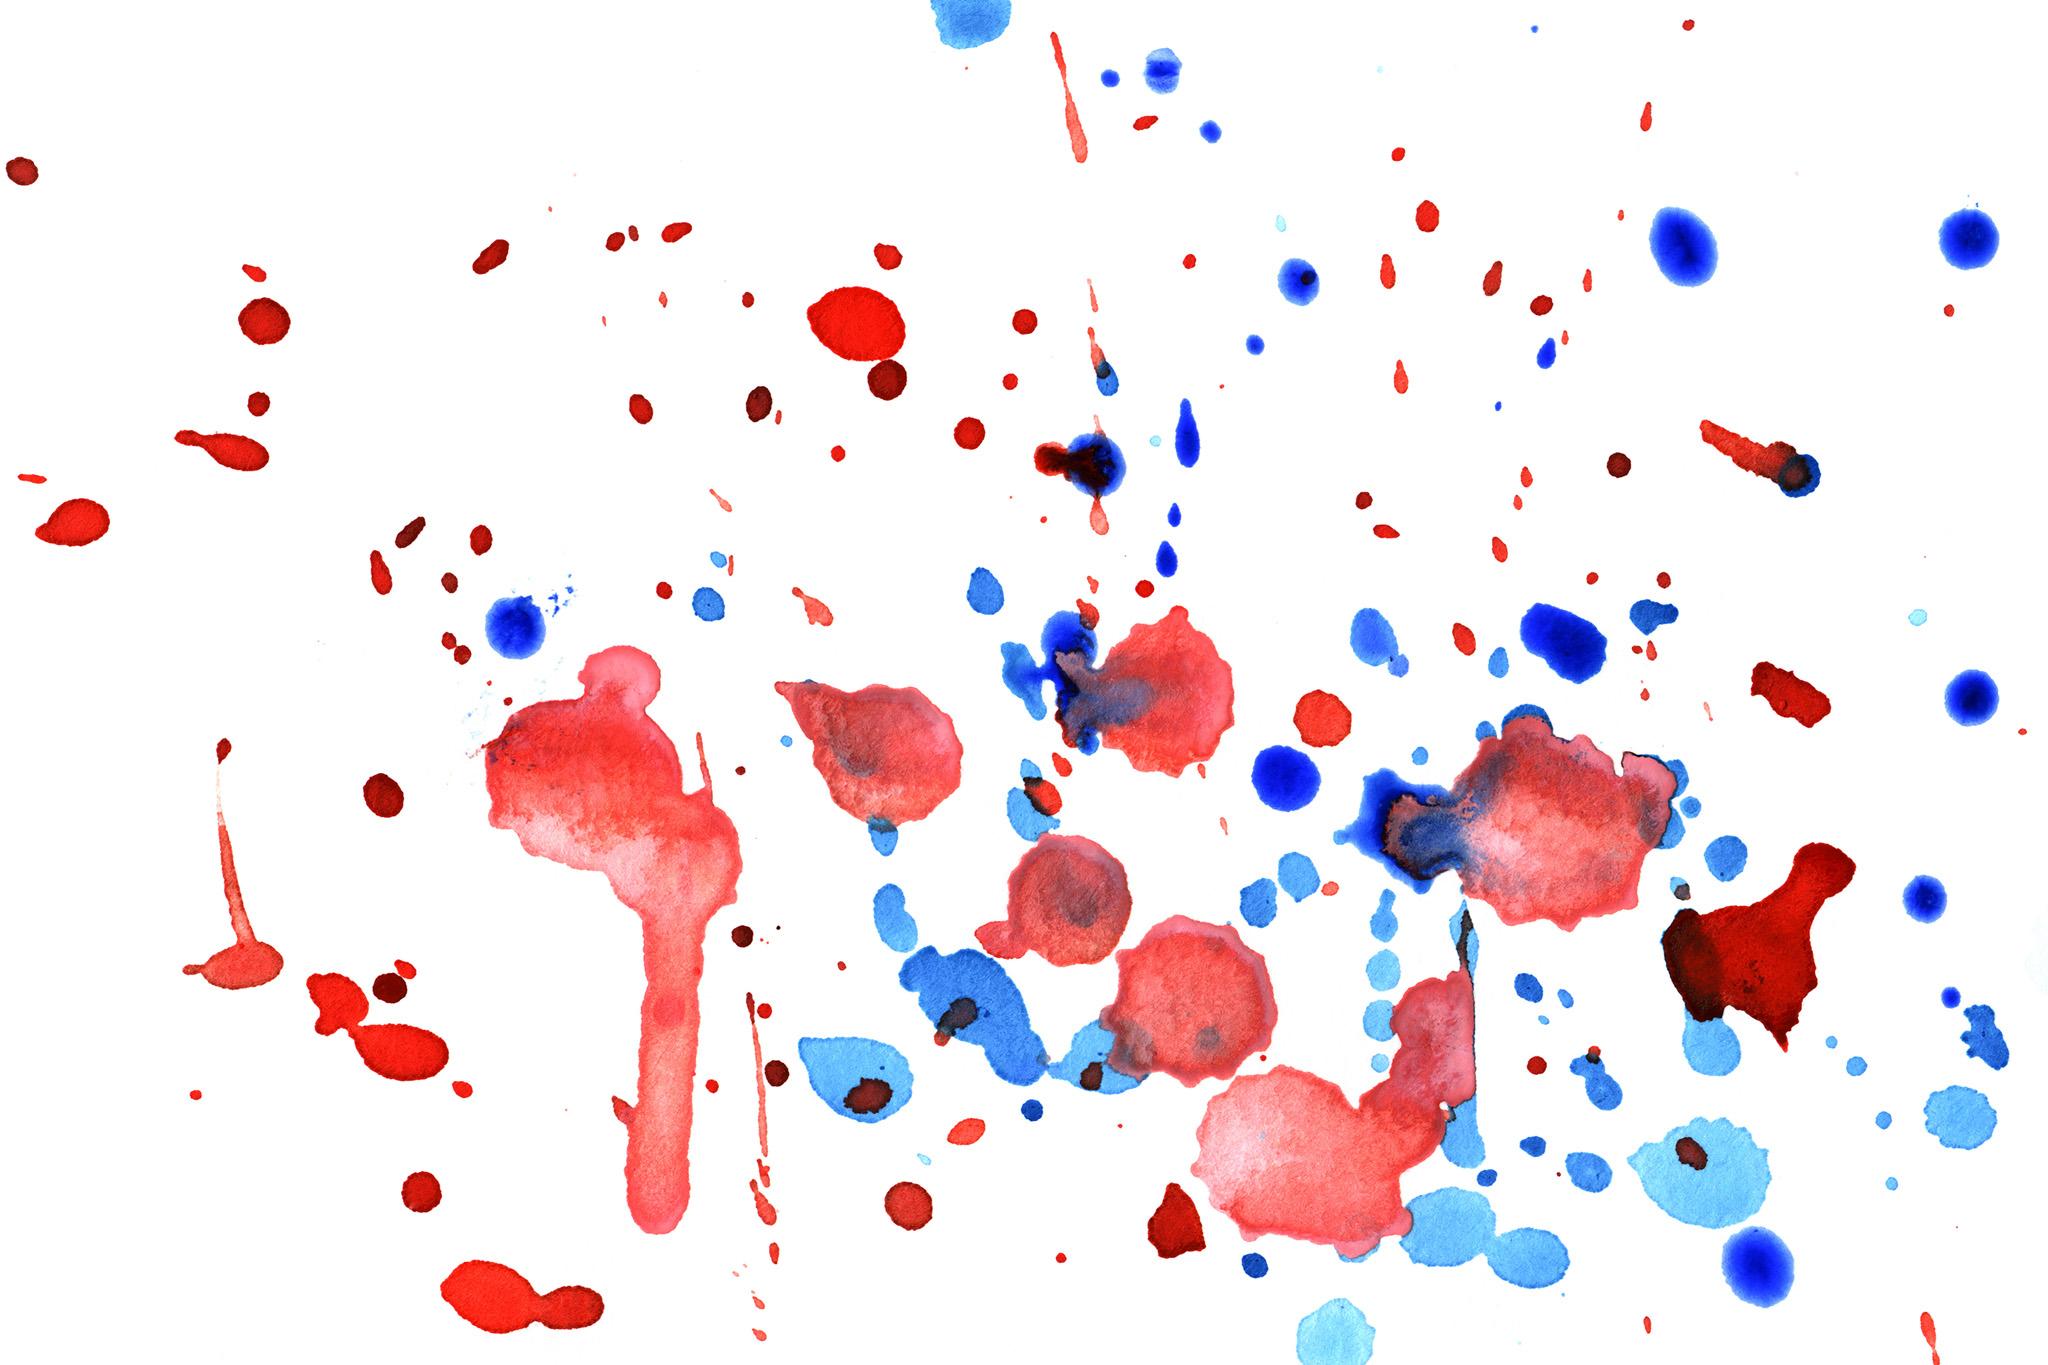 「白い紙に落ちた赤と青の絵具」